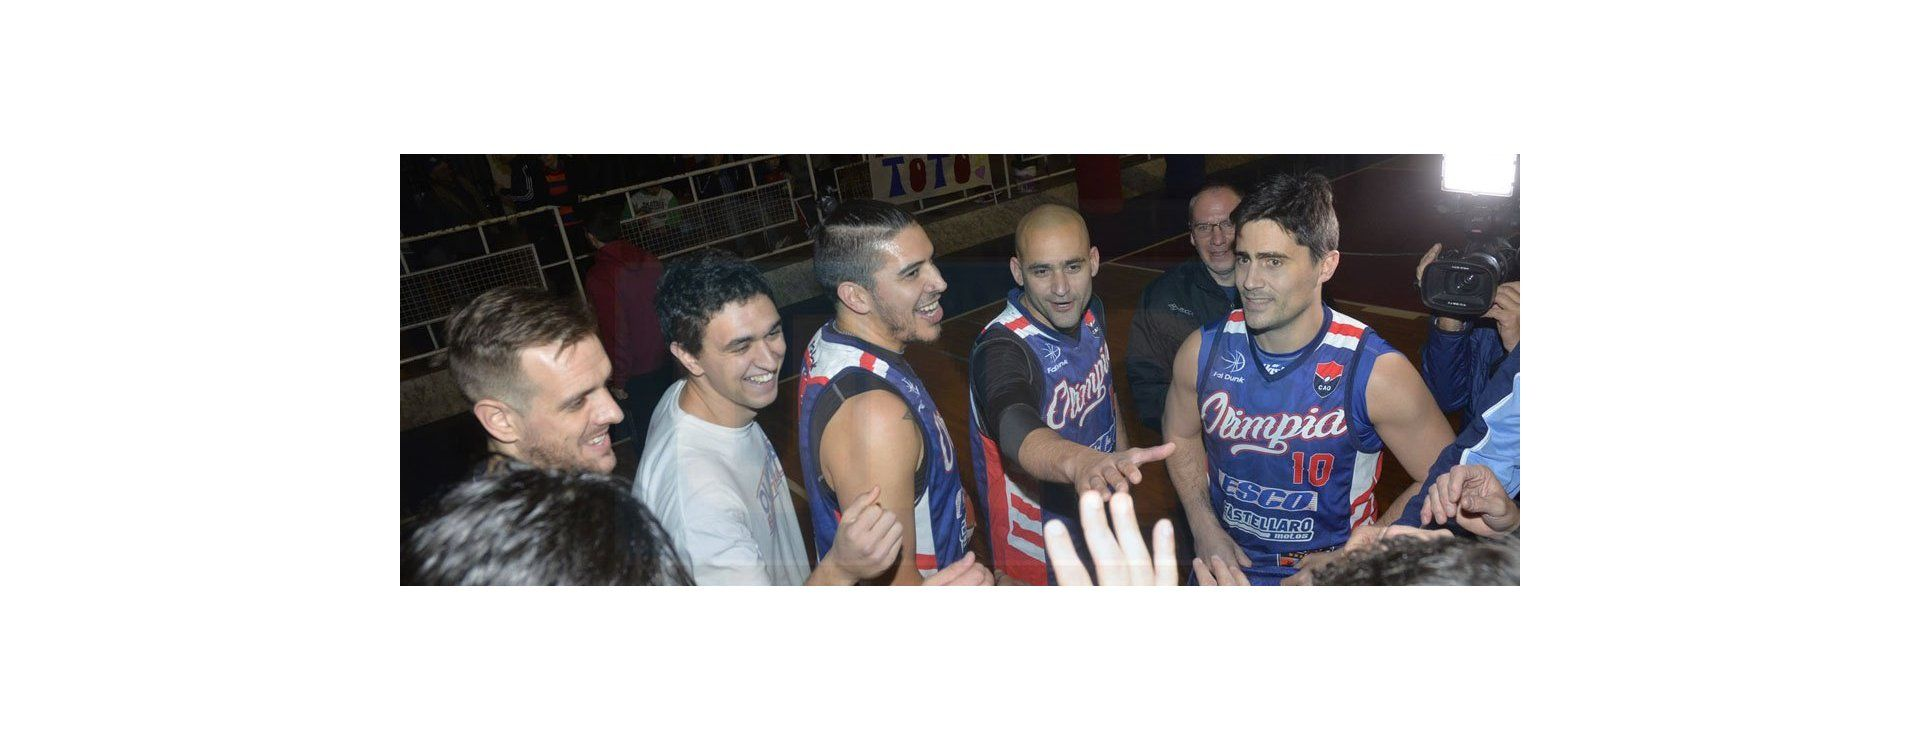 Las fotos del partido a beneficio de Toto, jugador de básquet del Club Olimpia